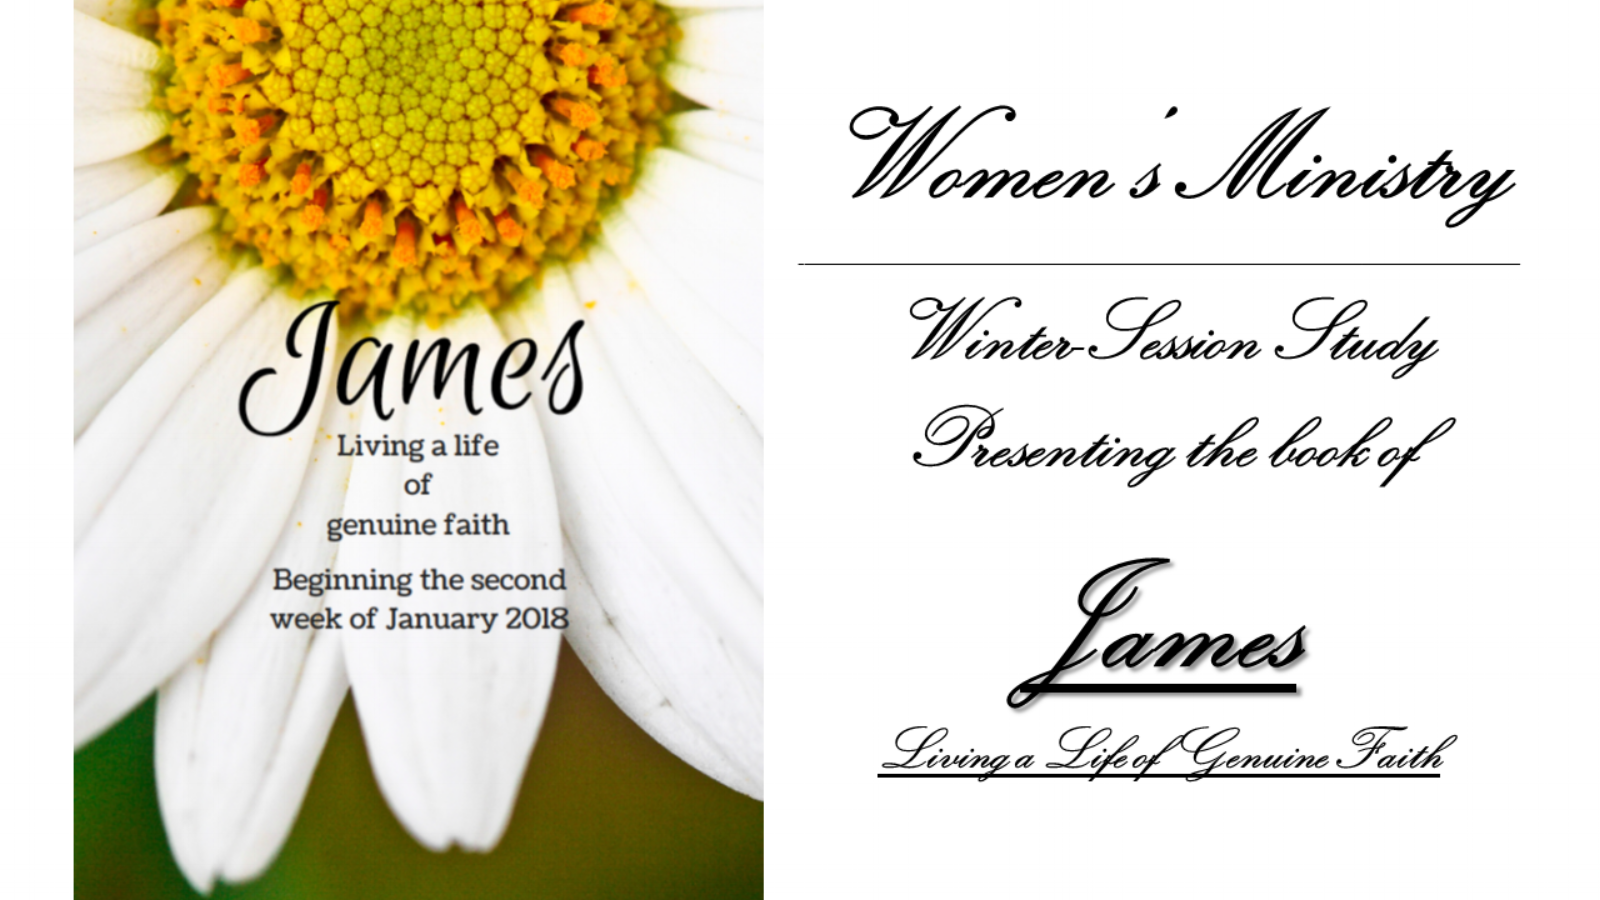 James-flyer-enhanced.png